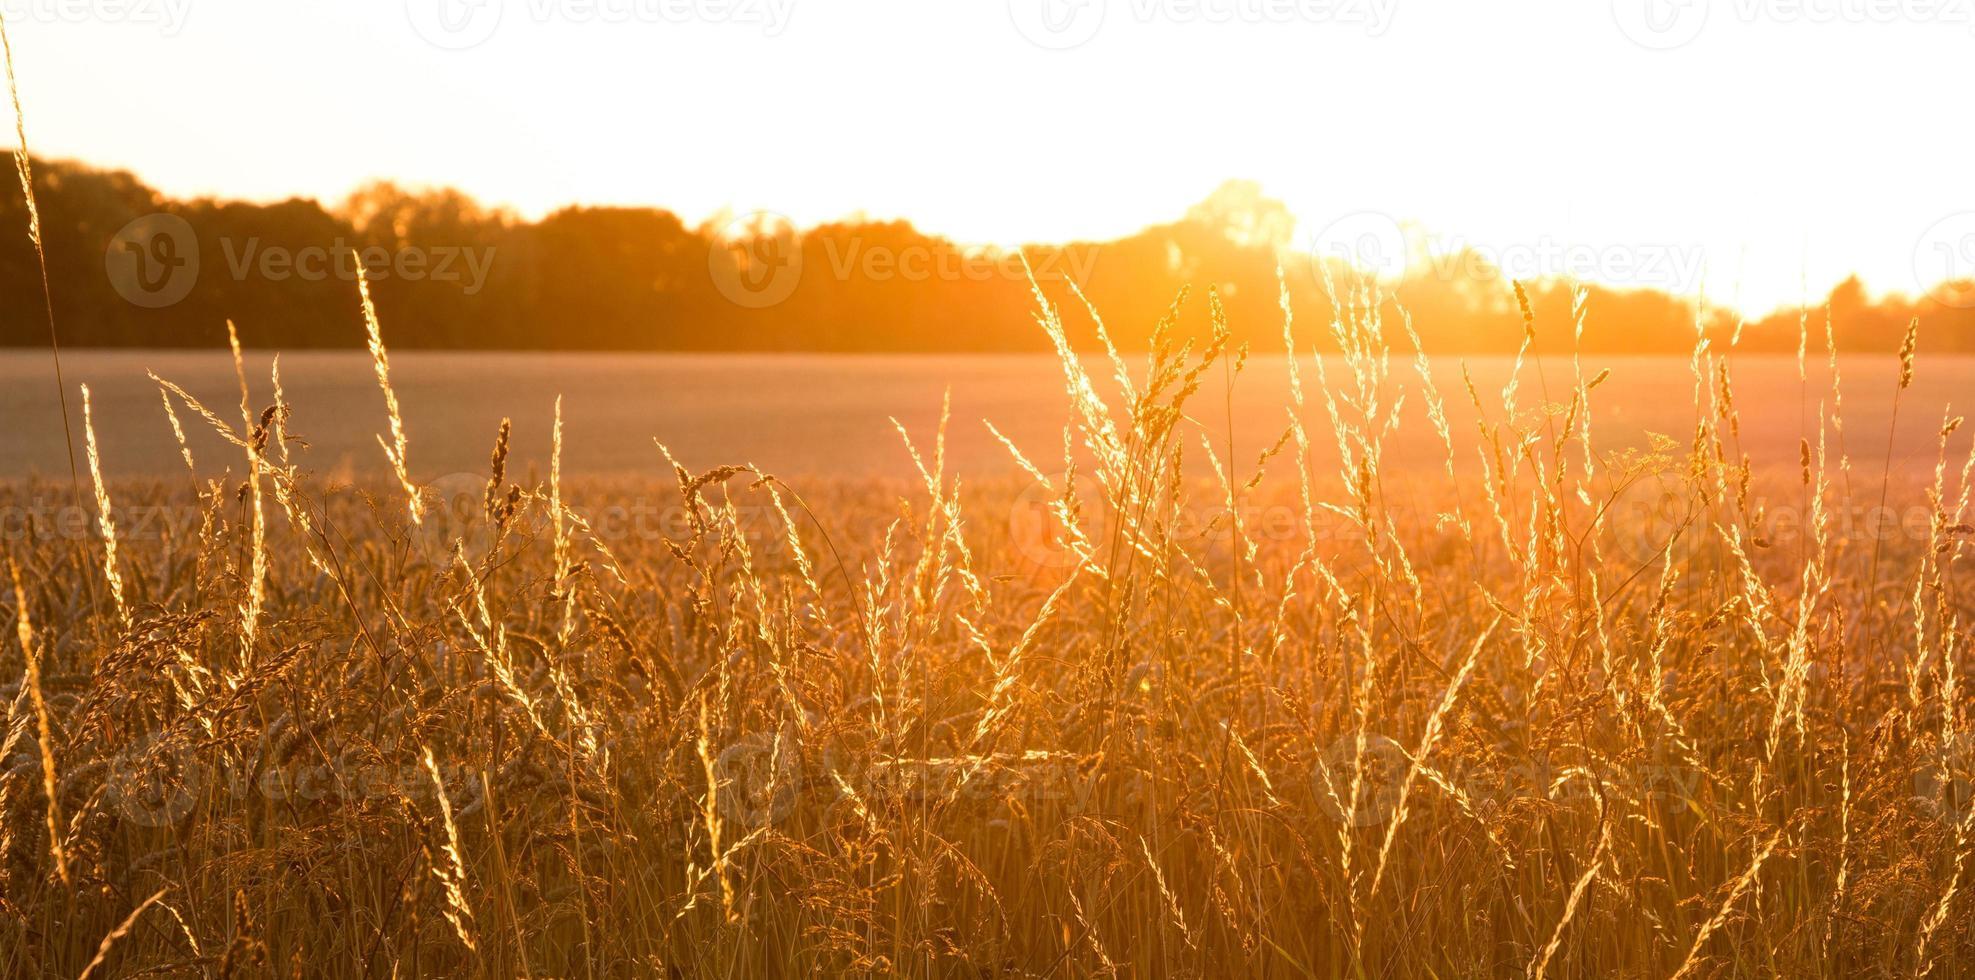 campo de trigo dourado com panorama de raios solares foto